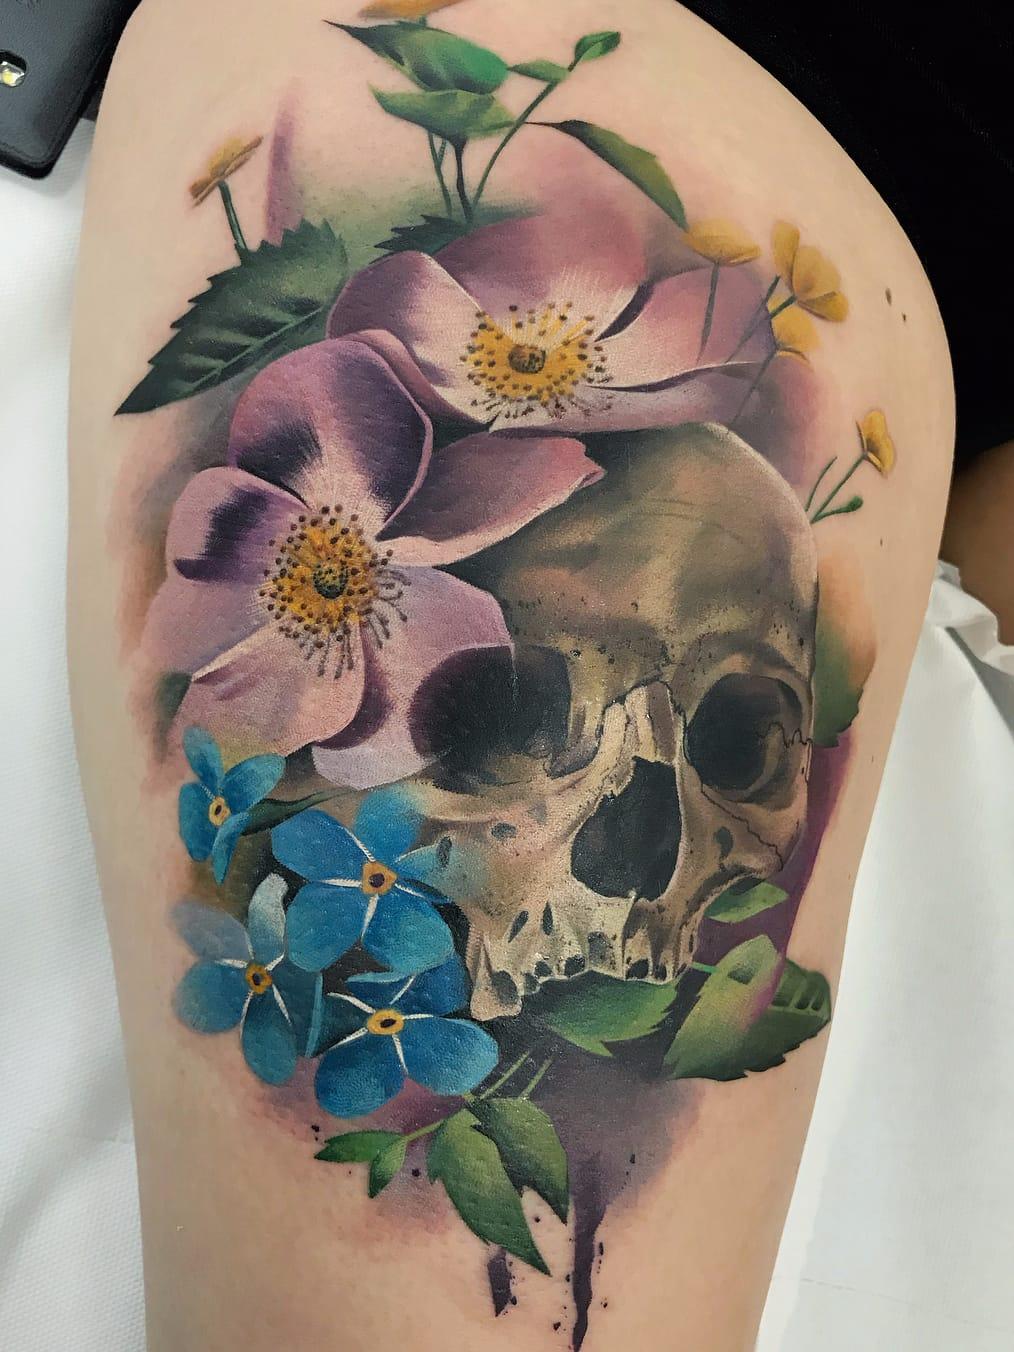 Por Freddie Albrighton #FreddieAlbrighton #gringo #colorido #colorful #realismo #realism #realismocolorido #skull #caveira #cranio #flor #flower #aquarela #watercolor #folha #leaf